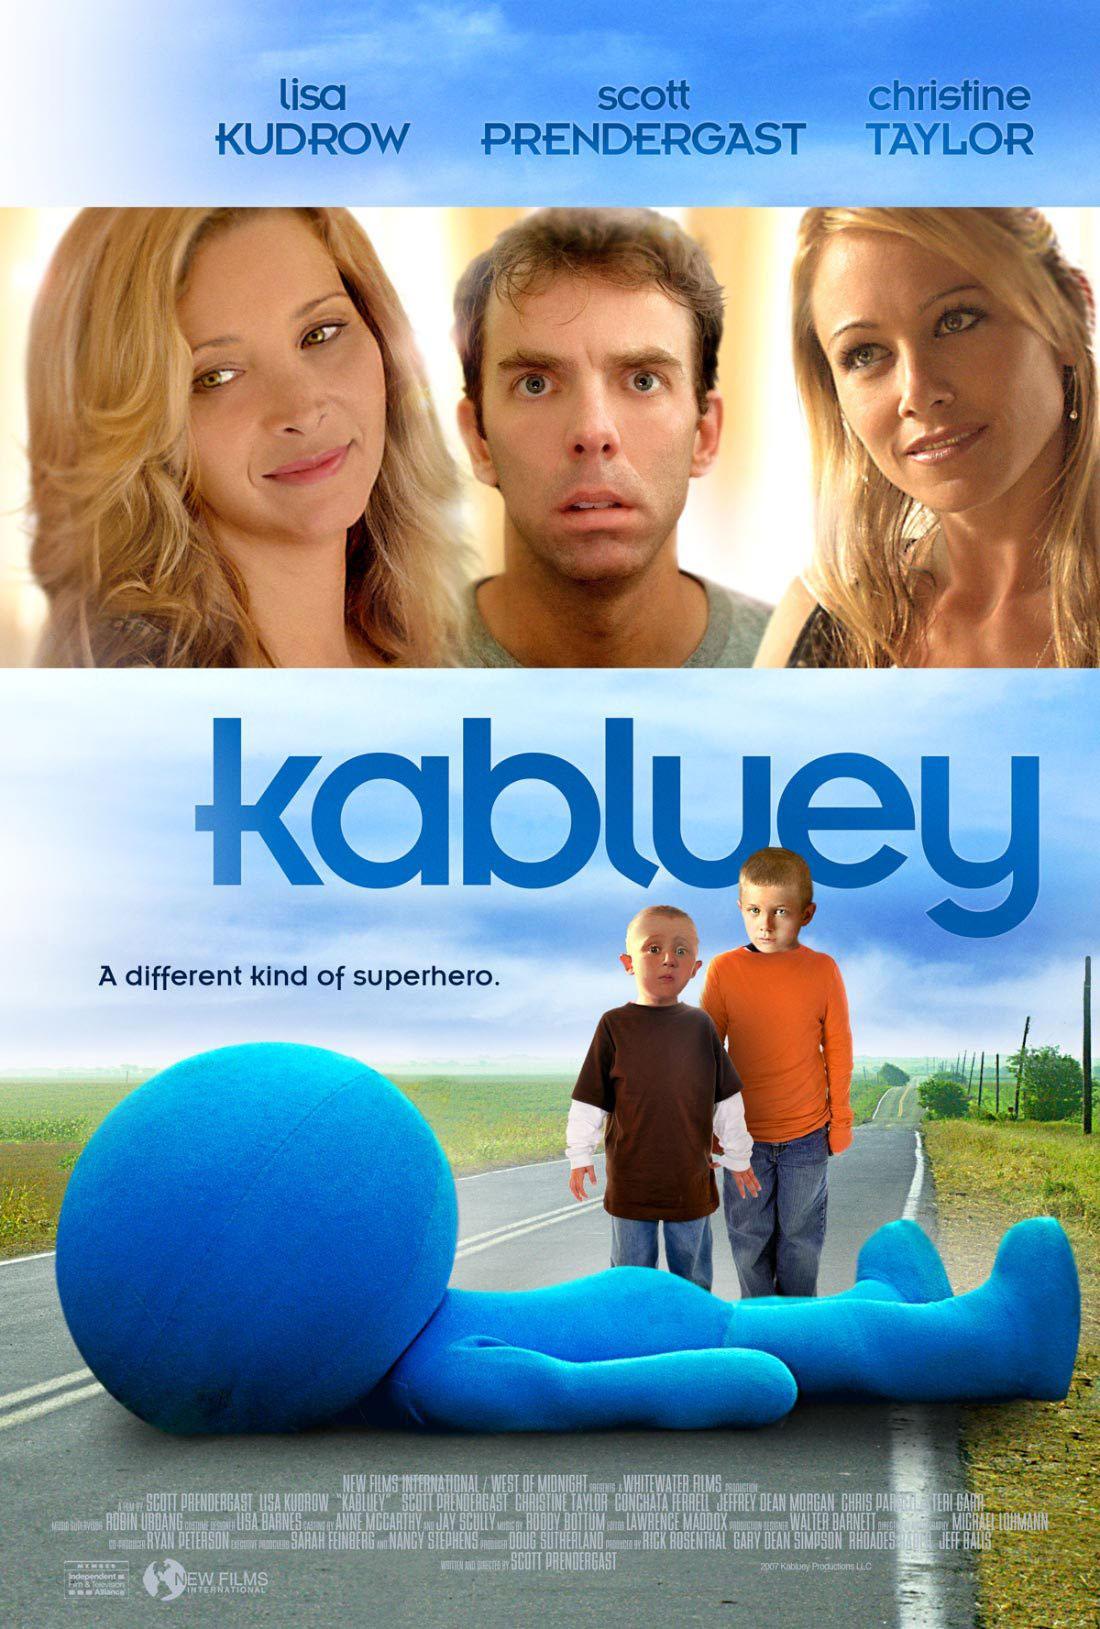 kabluey-01